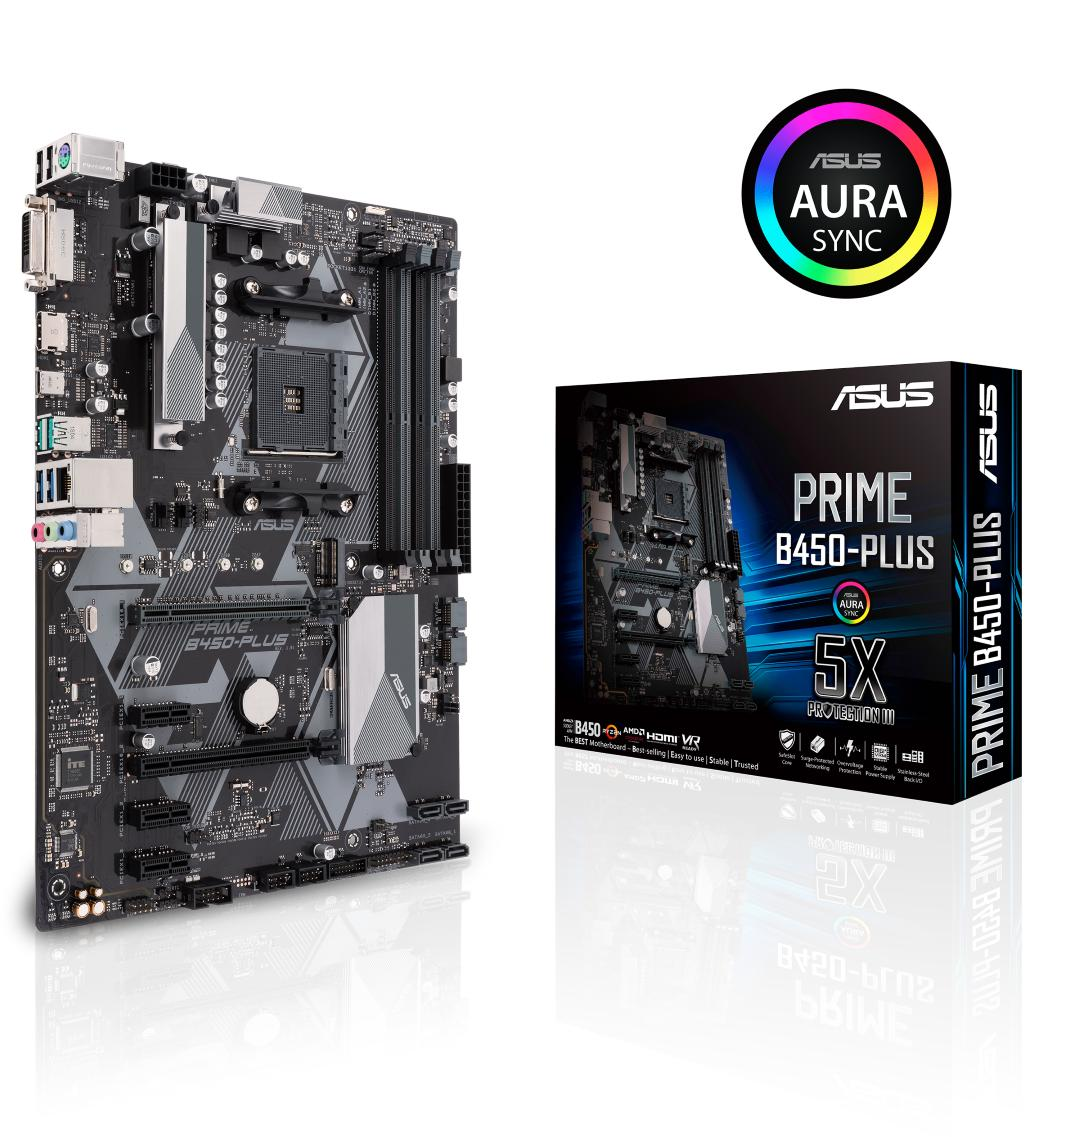 Asus PRIME B450-PLUS ATX AM4 Motherboard